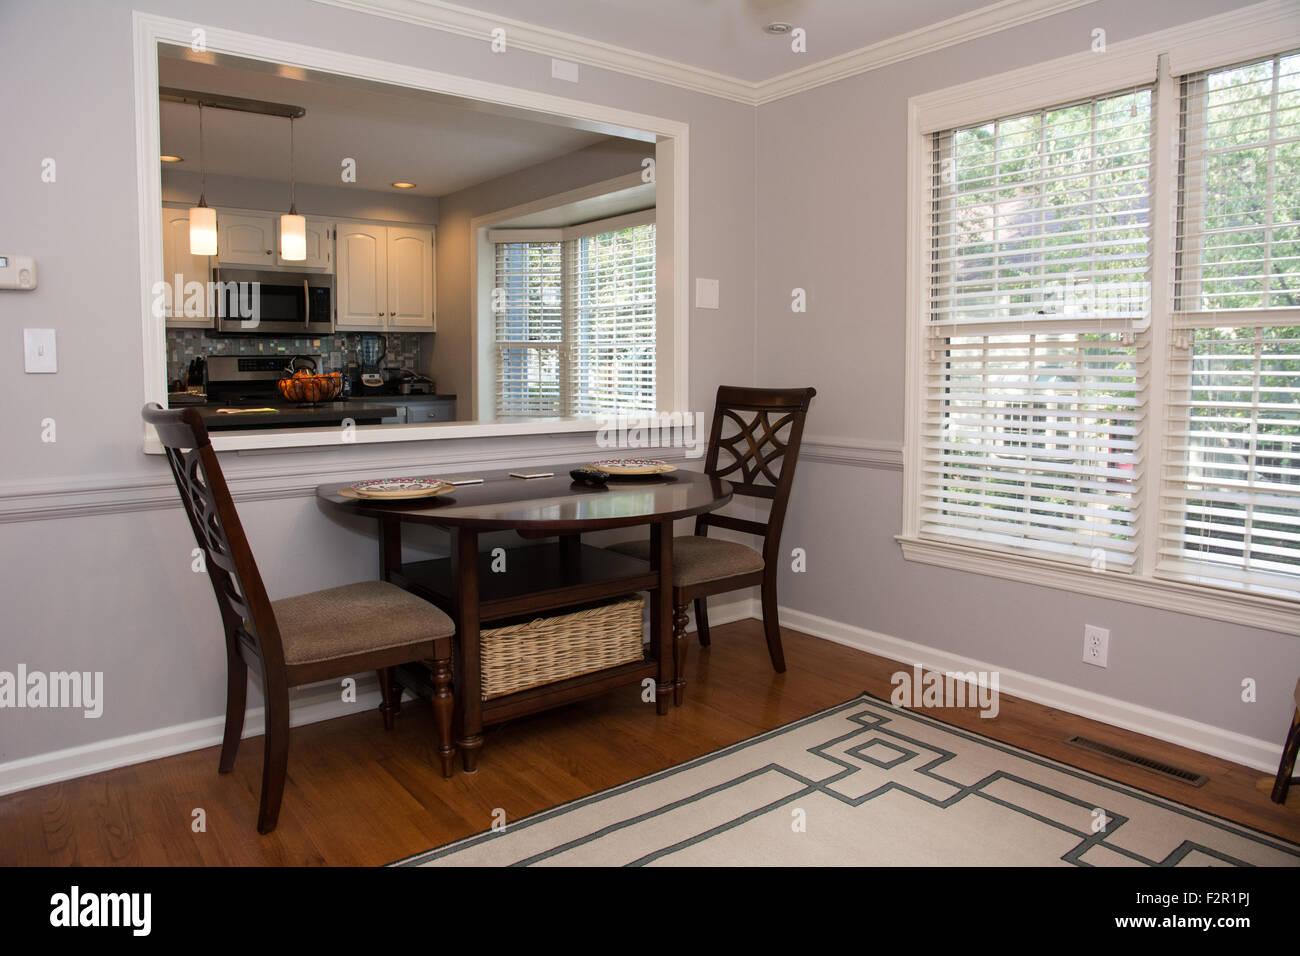 Une petite table à manger est un cadre invitant dans une ambiance chaleureuse, lumineuse salle de petit-déjeuner. Photo Stock